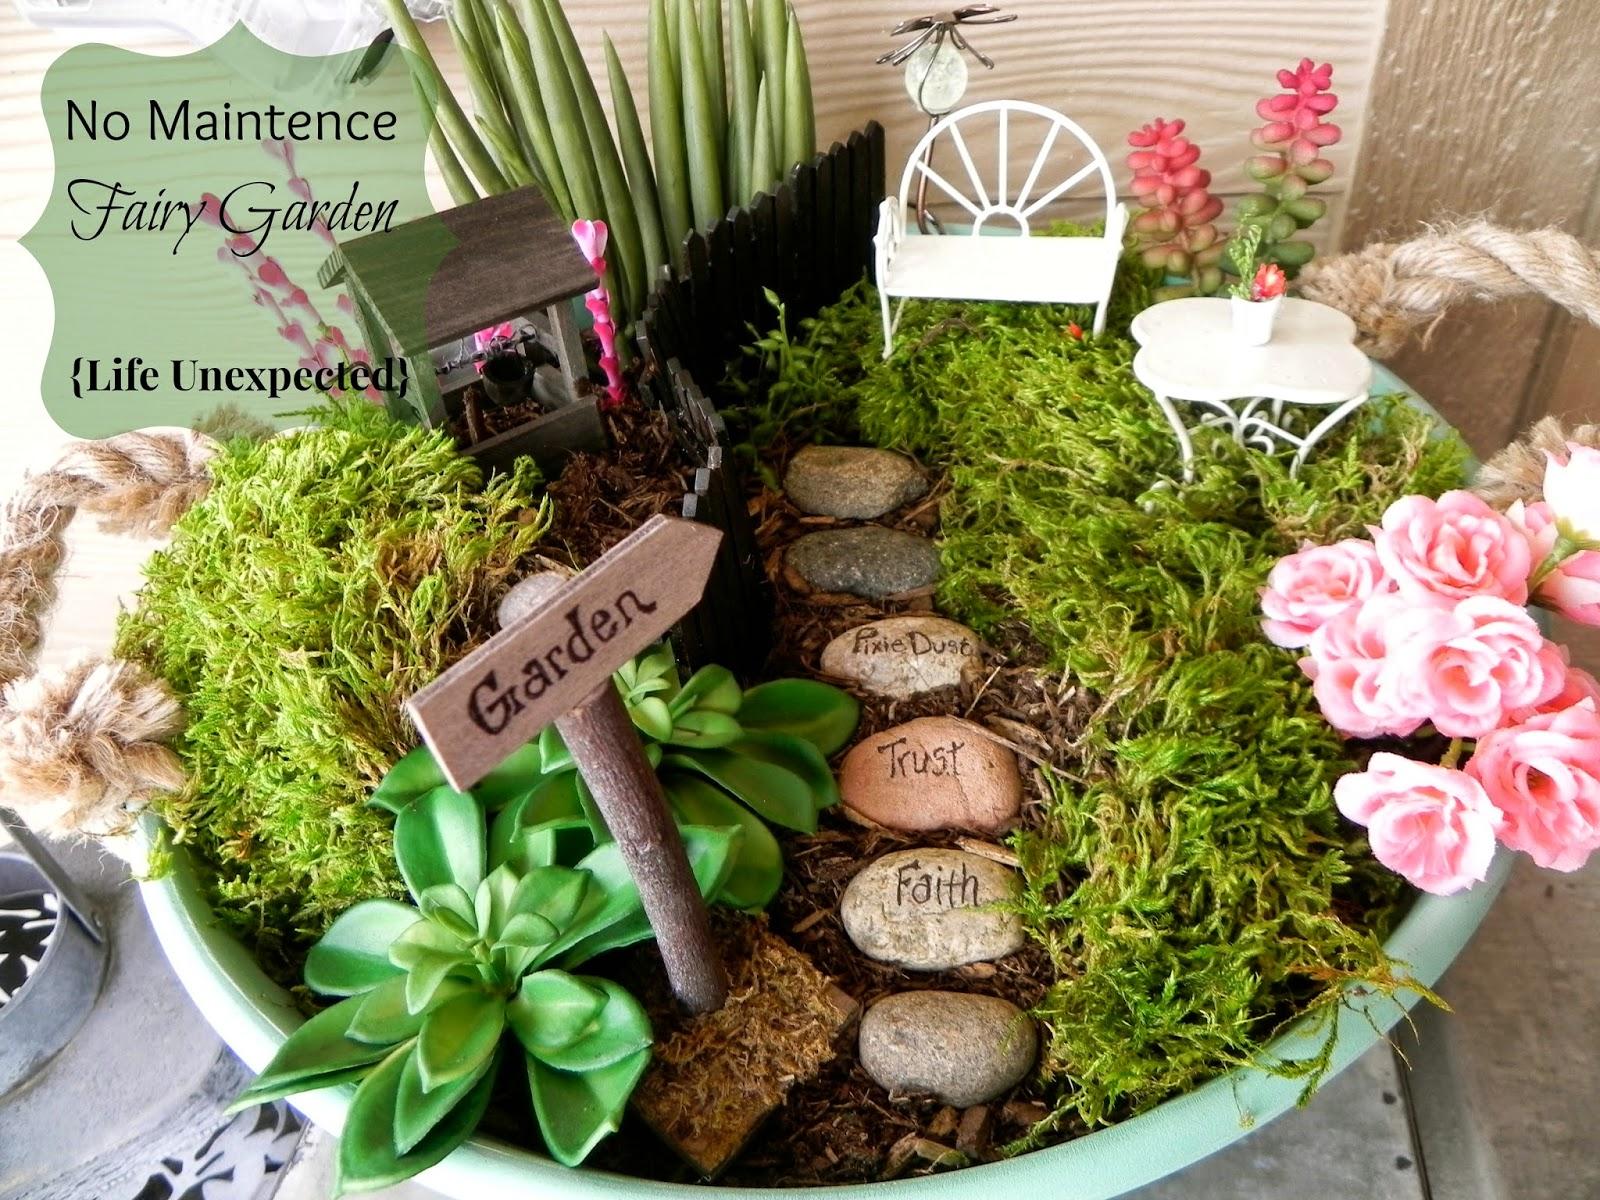 Life Unexpected No Maintenance Fairy Garden